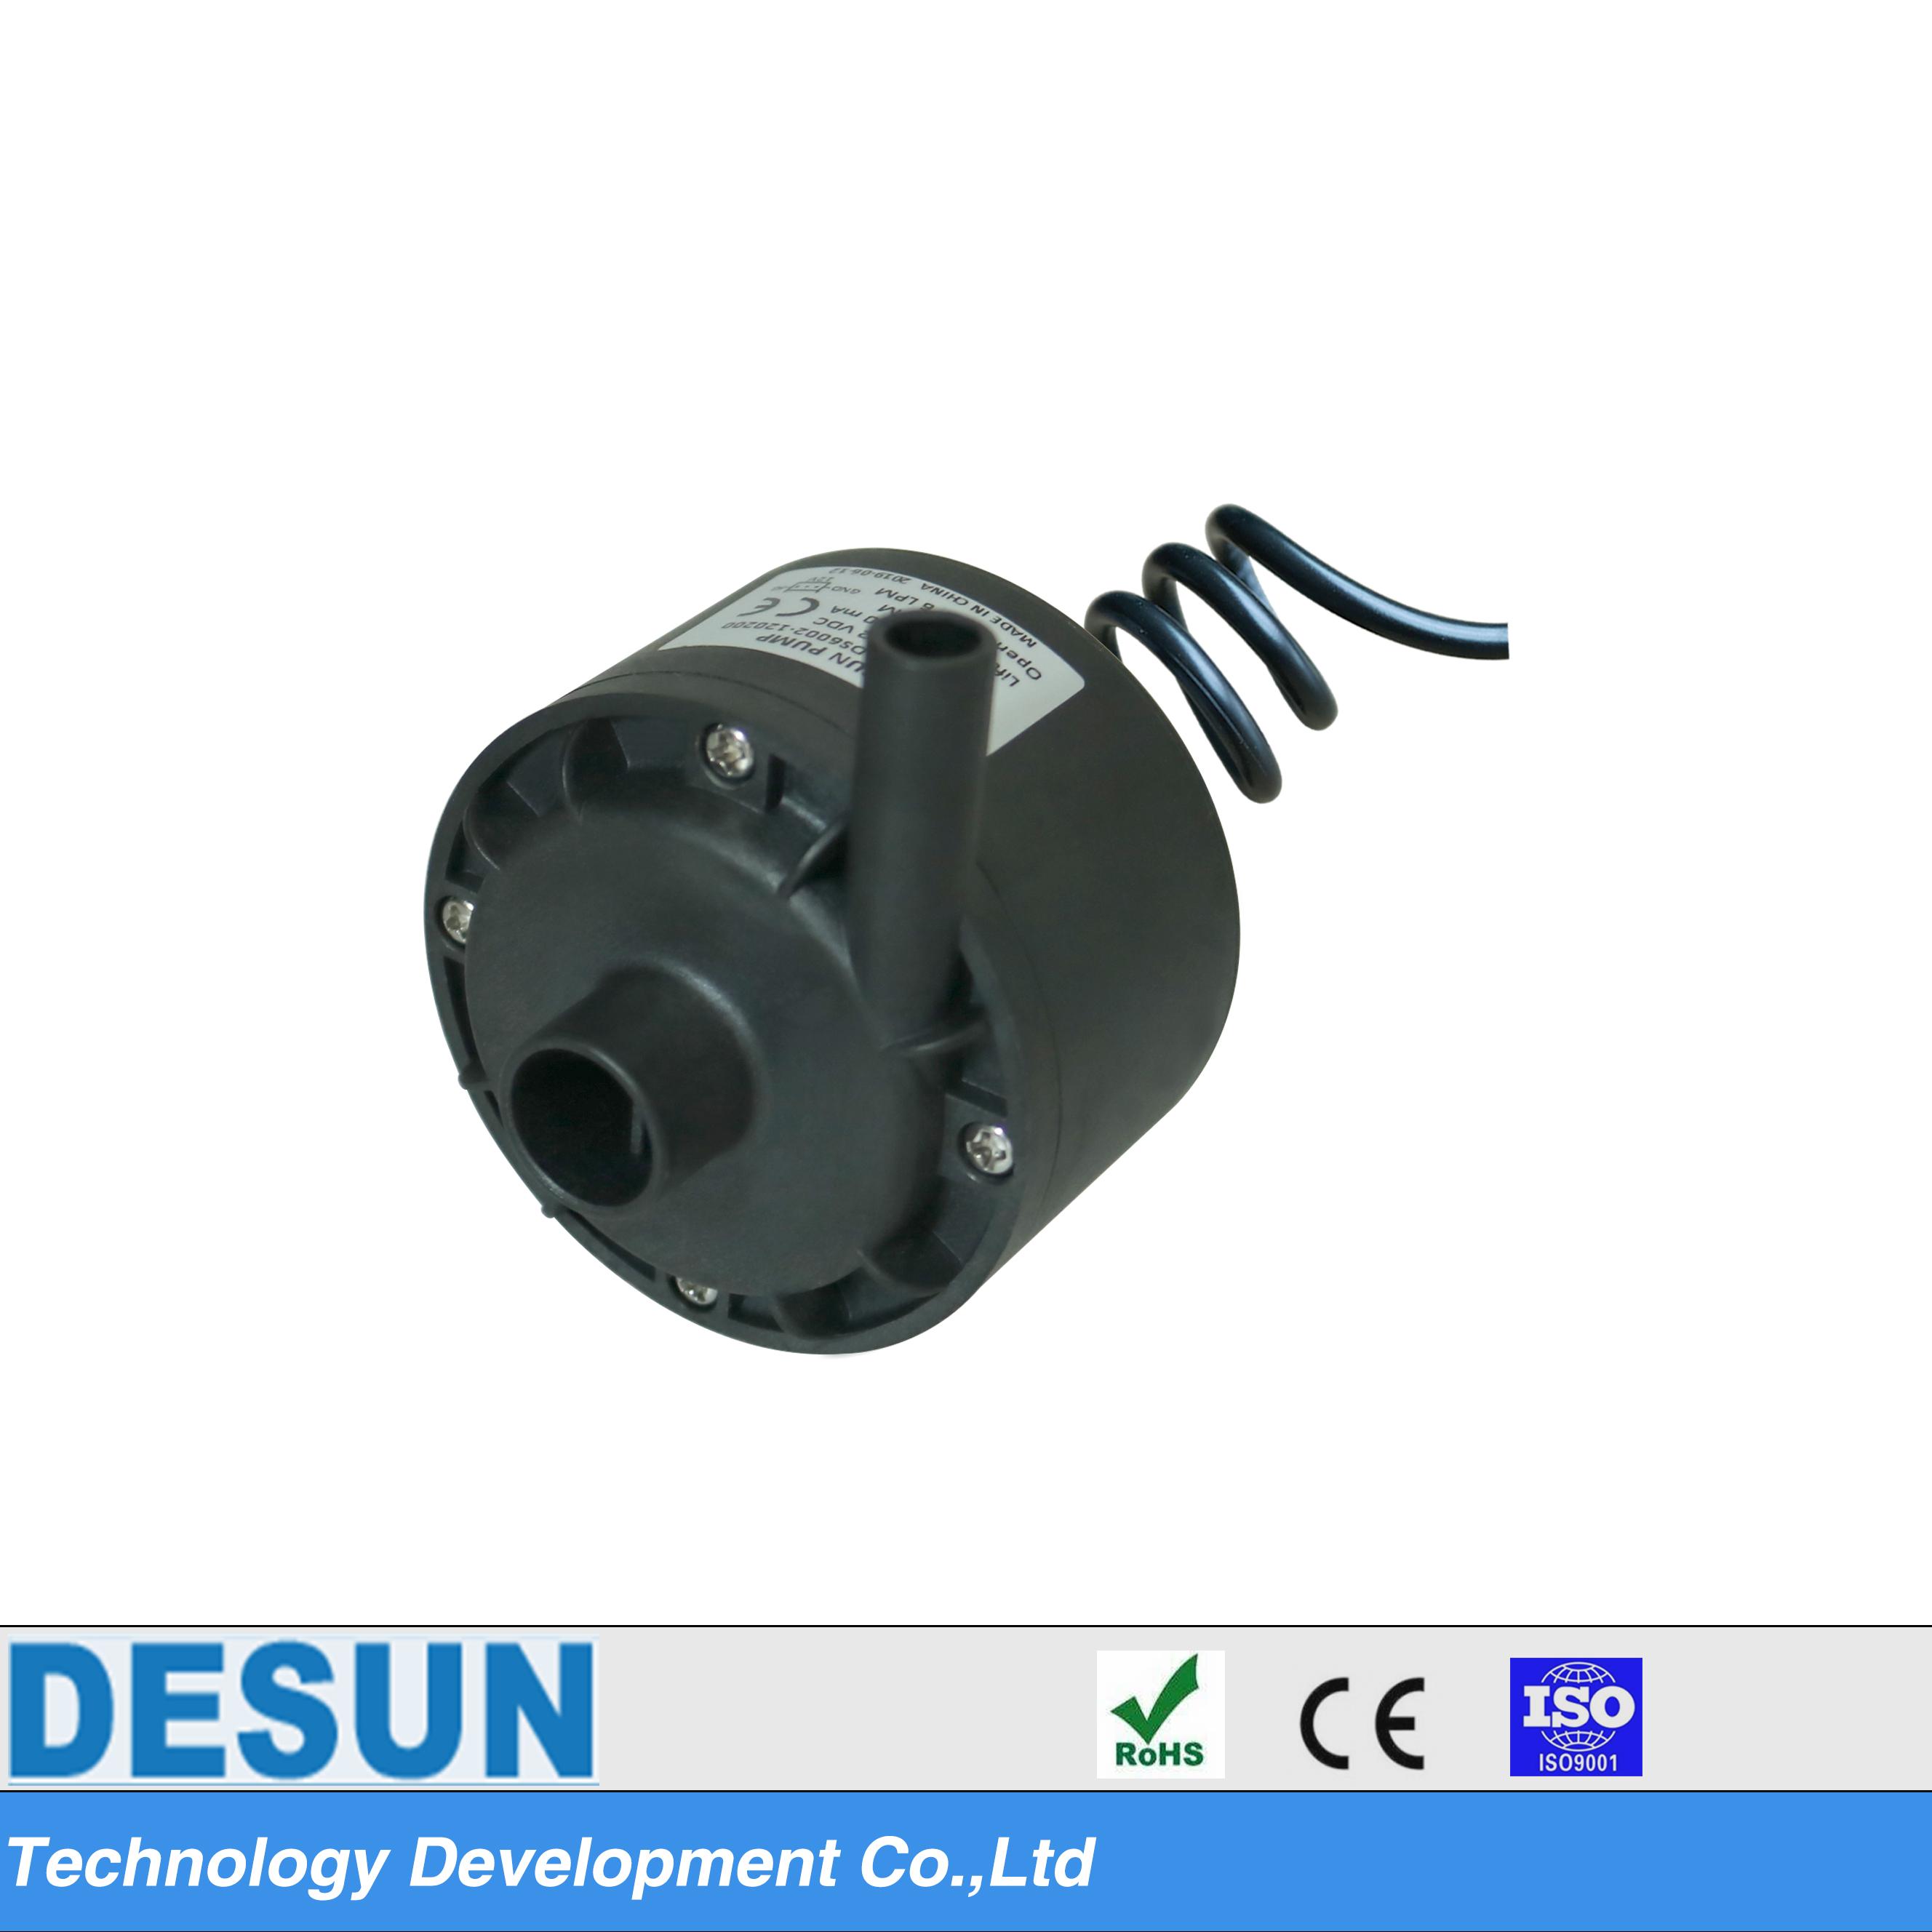 水暖床垫微型水泵DS6002